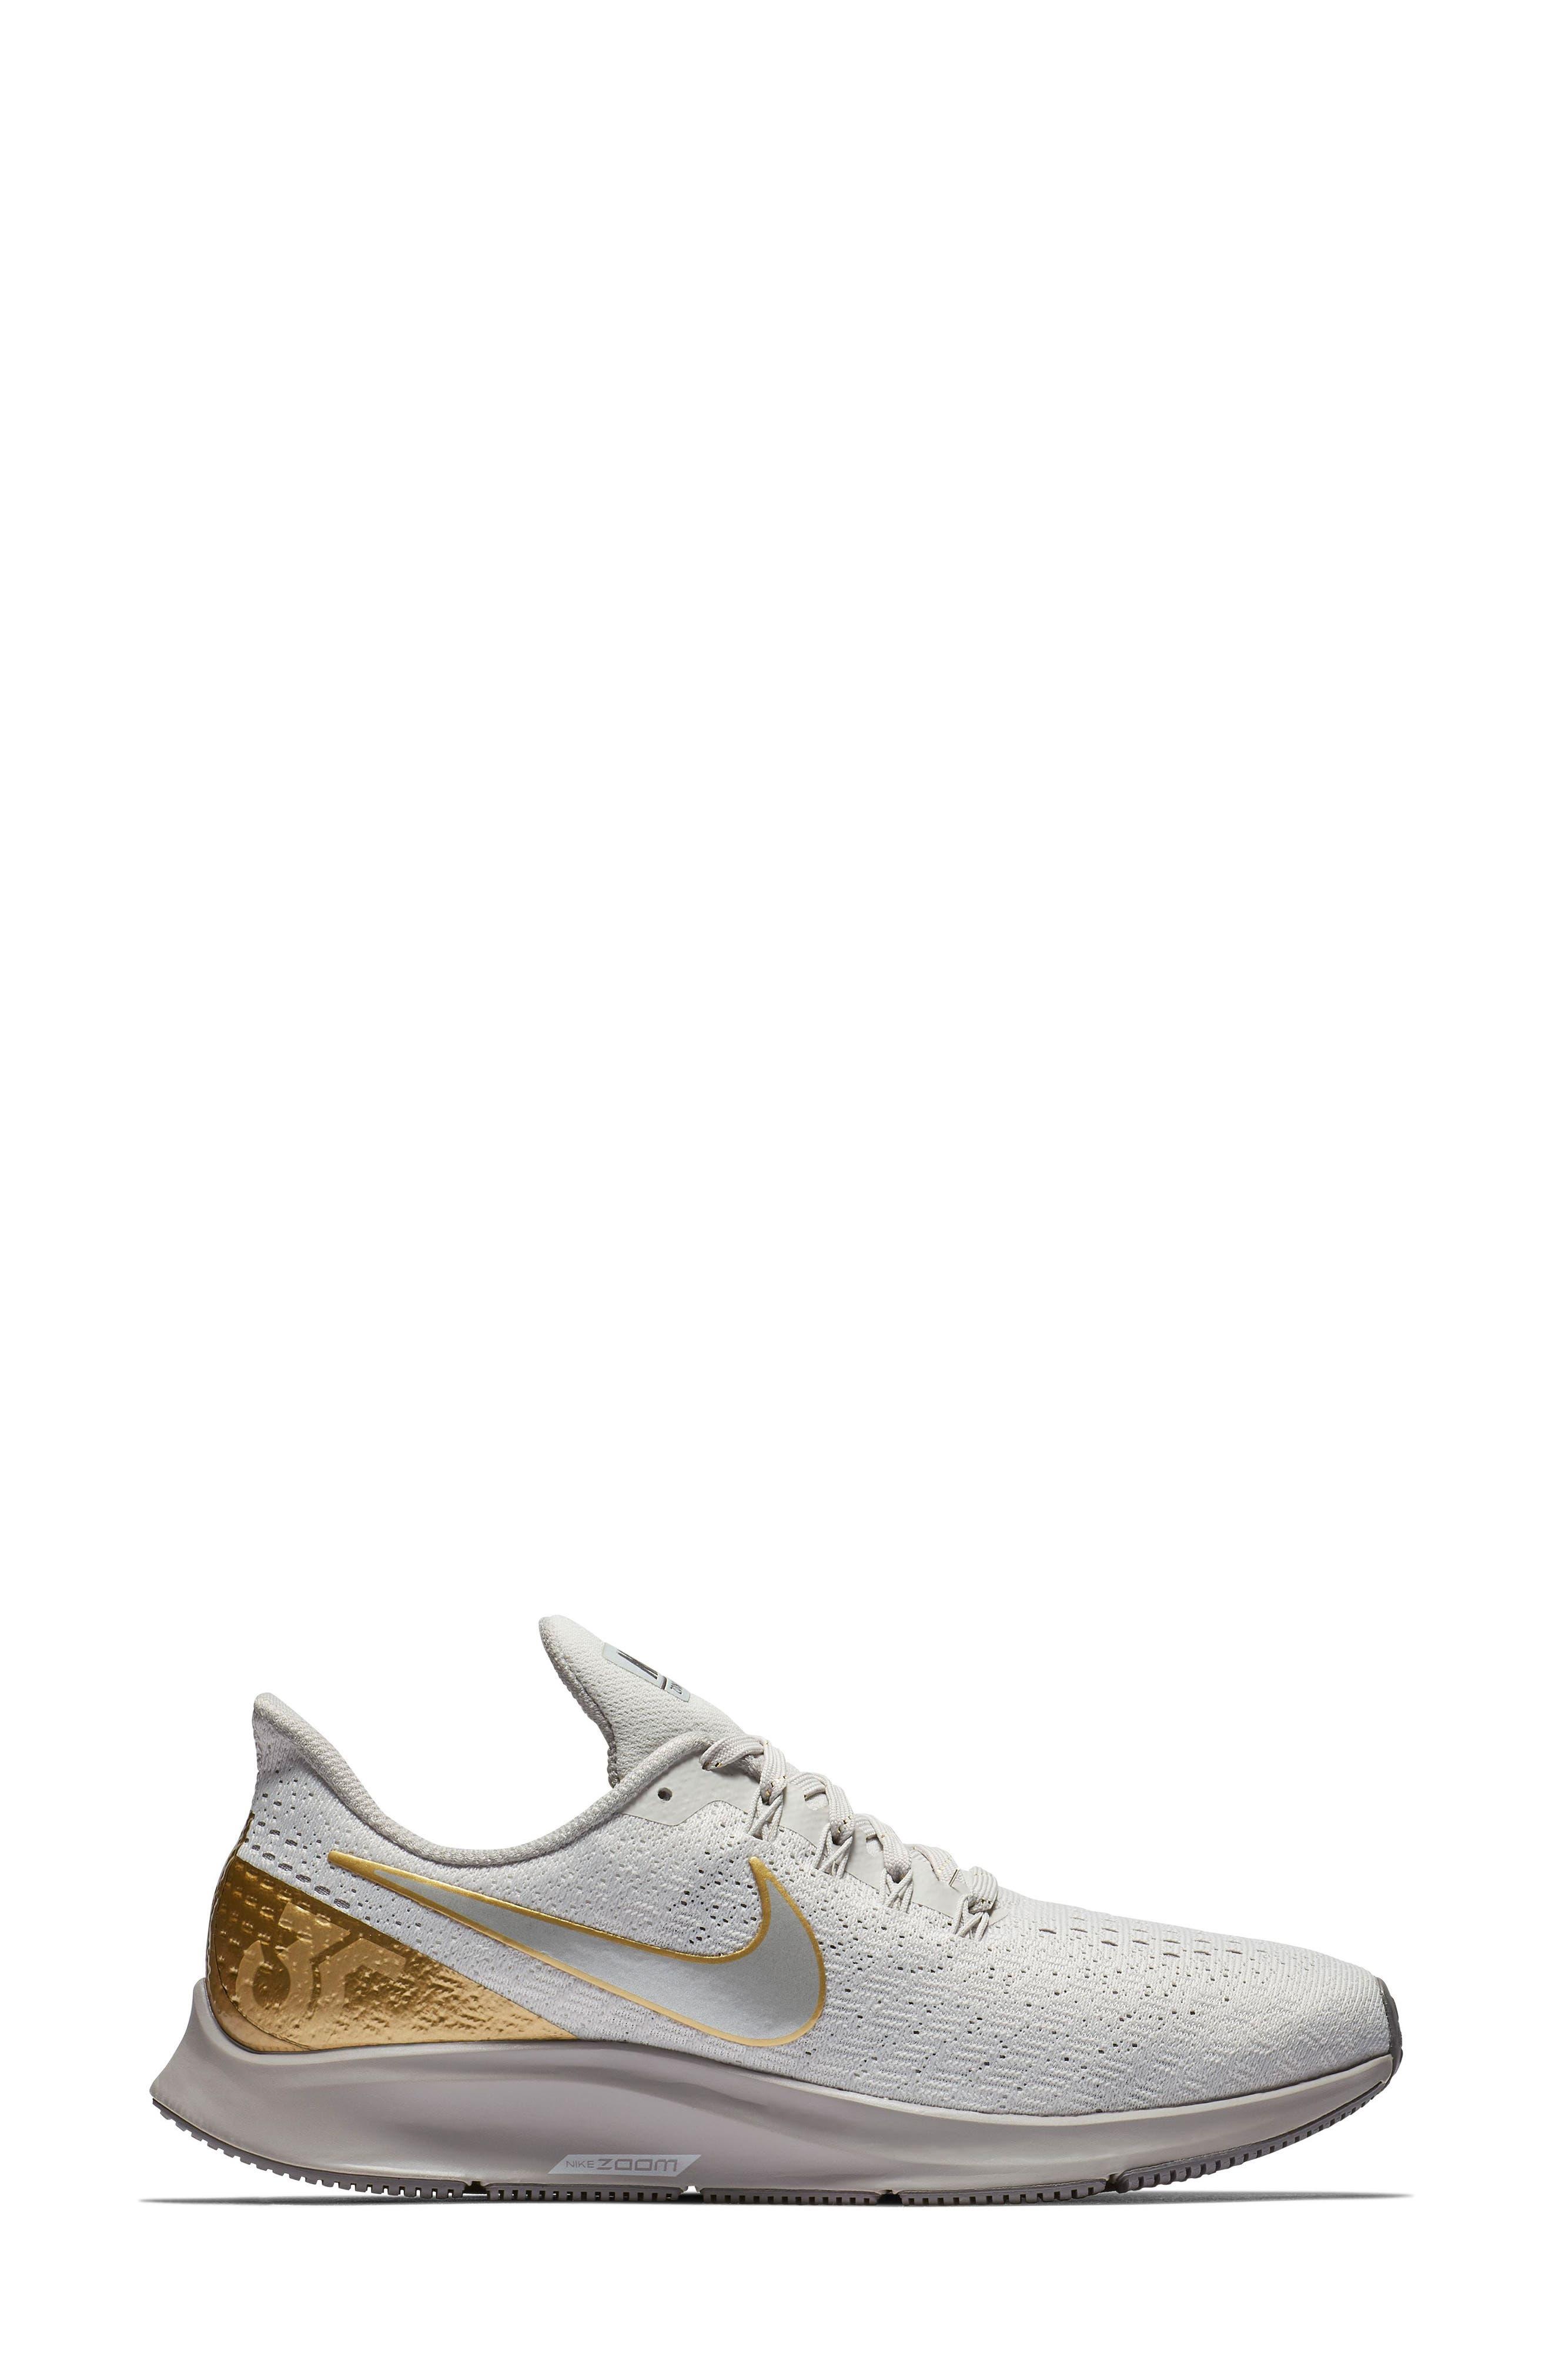 Air Zoom Pegasus 35 Premium Running Shoe,                             Alternate thumbnail 8, color,                             022